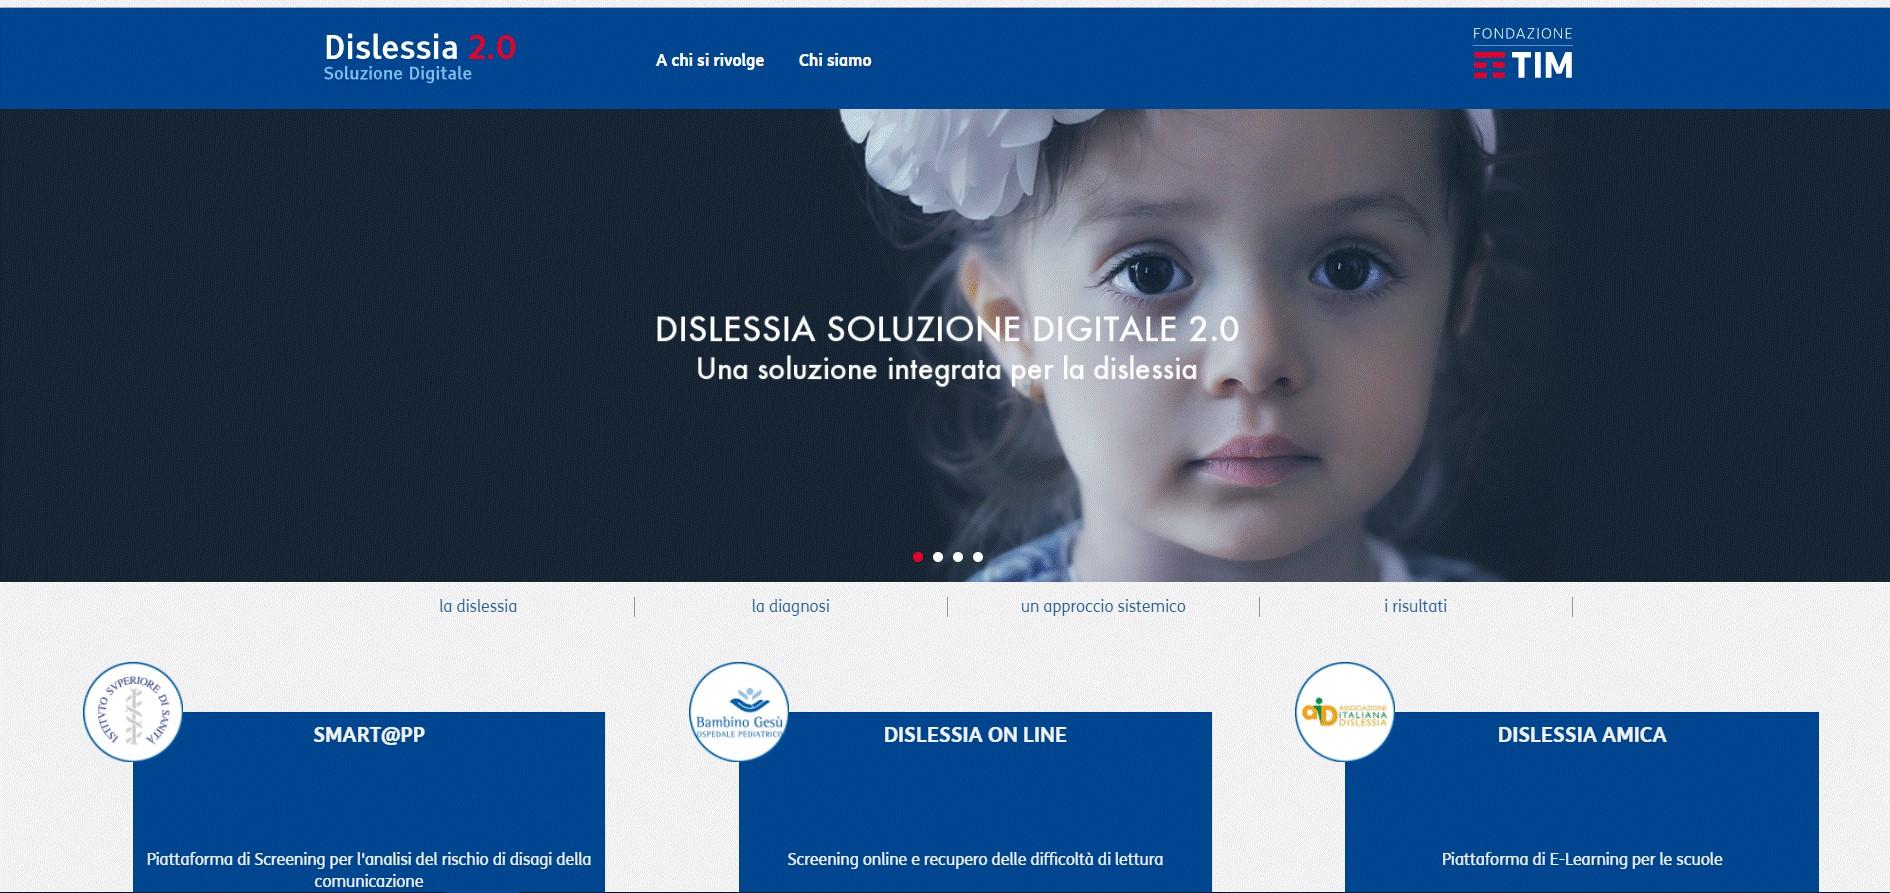 Dislessia 2.0: la piattaforma per lo screening digitale gratuito